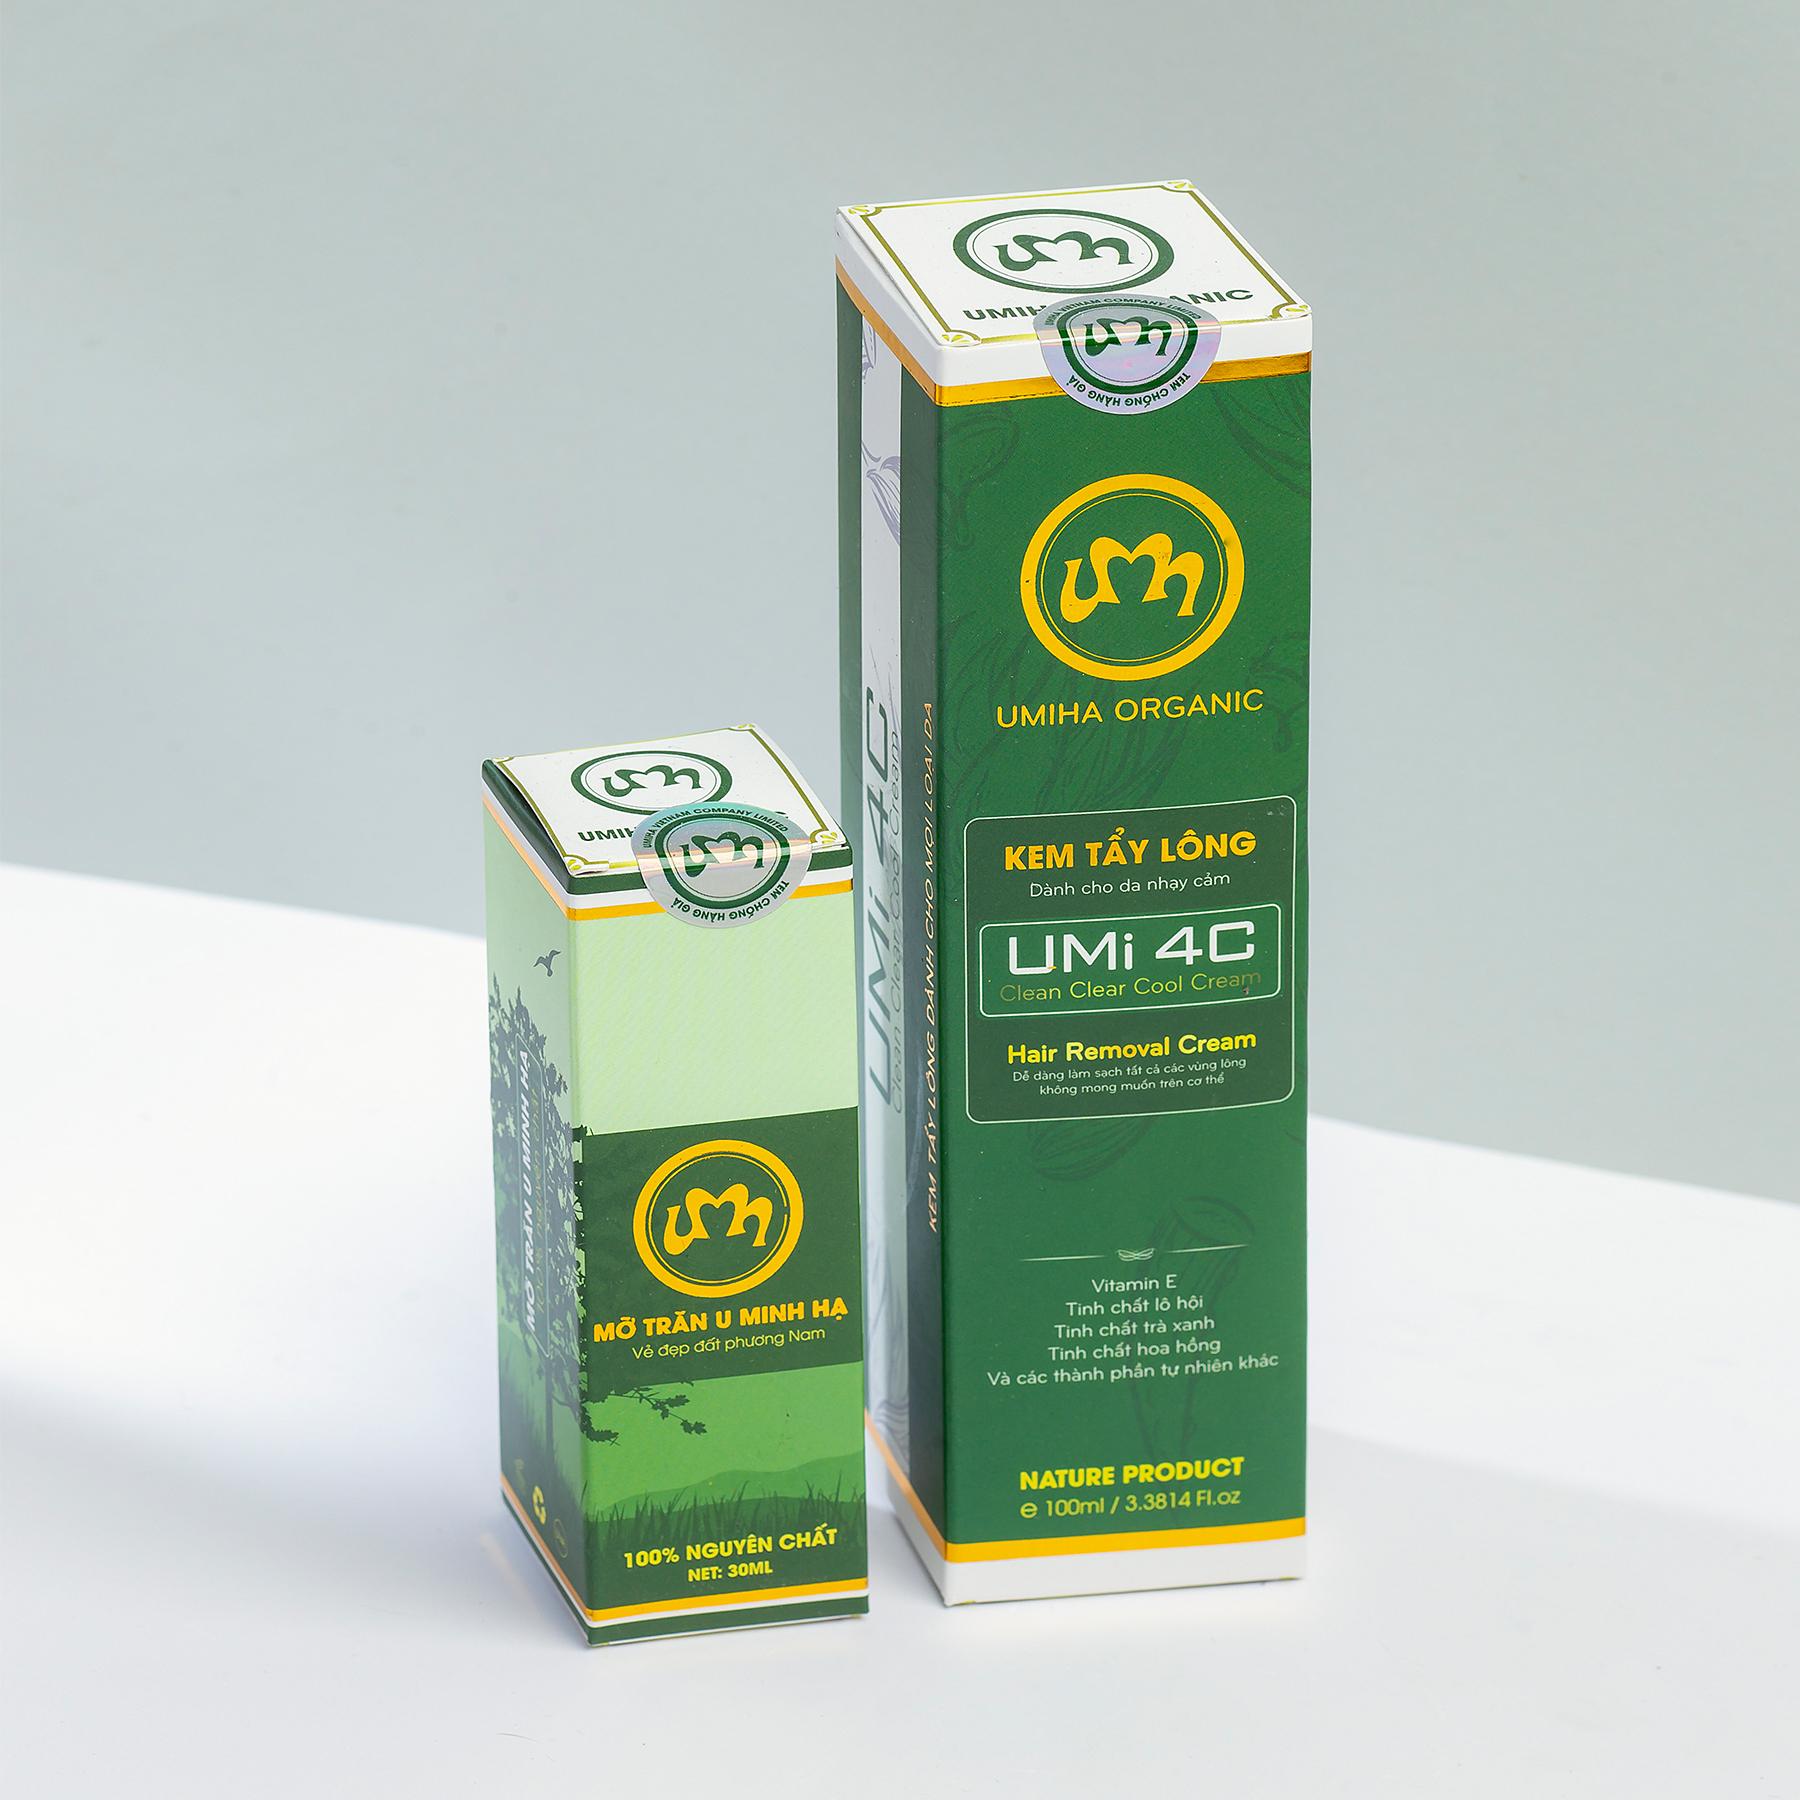 COMBO TẨY TRIỆT LÔNG BIKINI VÙNG KÍN VĨNH VIỄN UMISKIN tại nhà | Mỡ trăn triệt lông vĩnh viễn U Minh Hạ (10ml) & Kem tẩy lông Umi 4C (100ml) an toàn cho da nhạy cảm